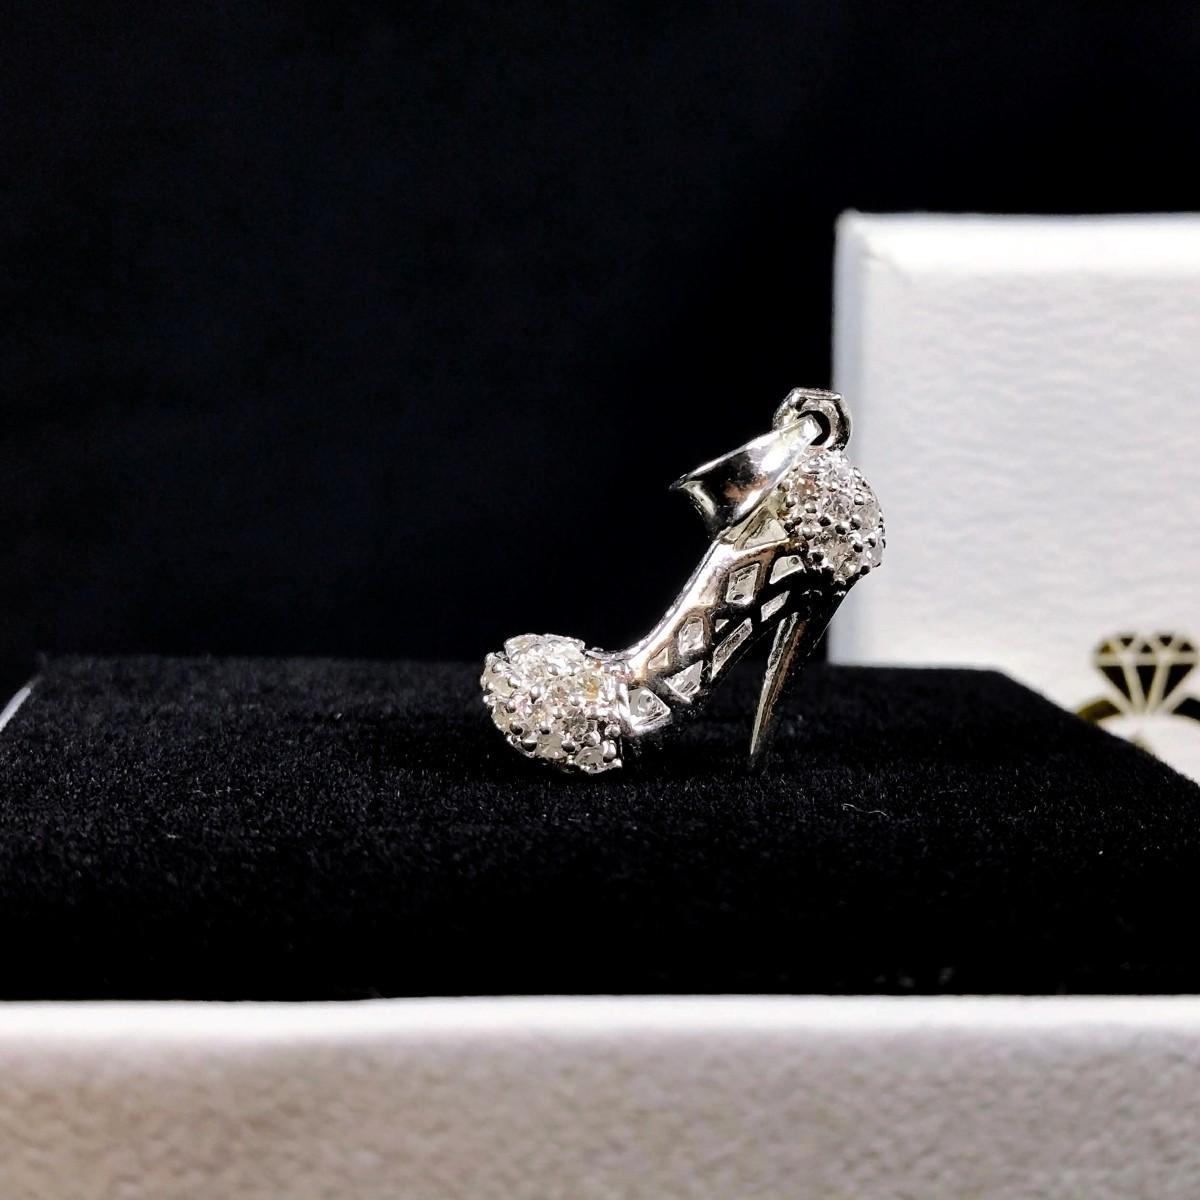 Dây chuyền bạc - Dây chuyền nữ hình chiếc giày Cinderella [TS-DC-A8]